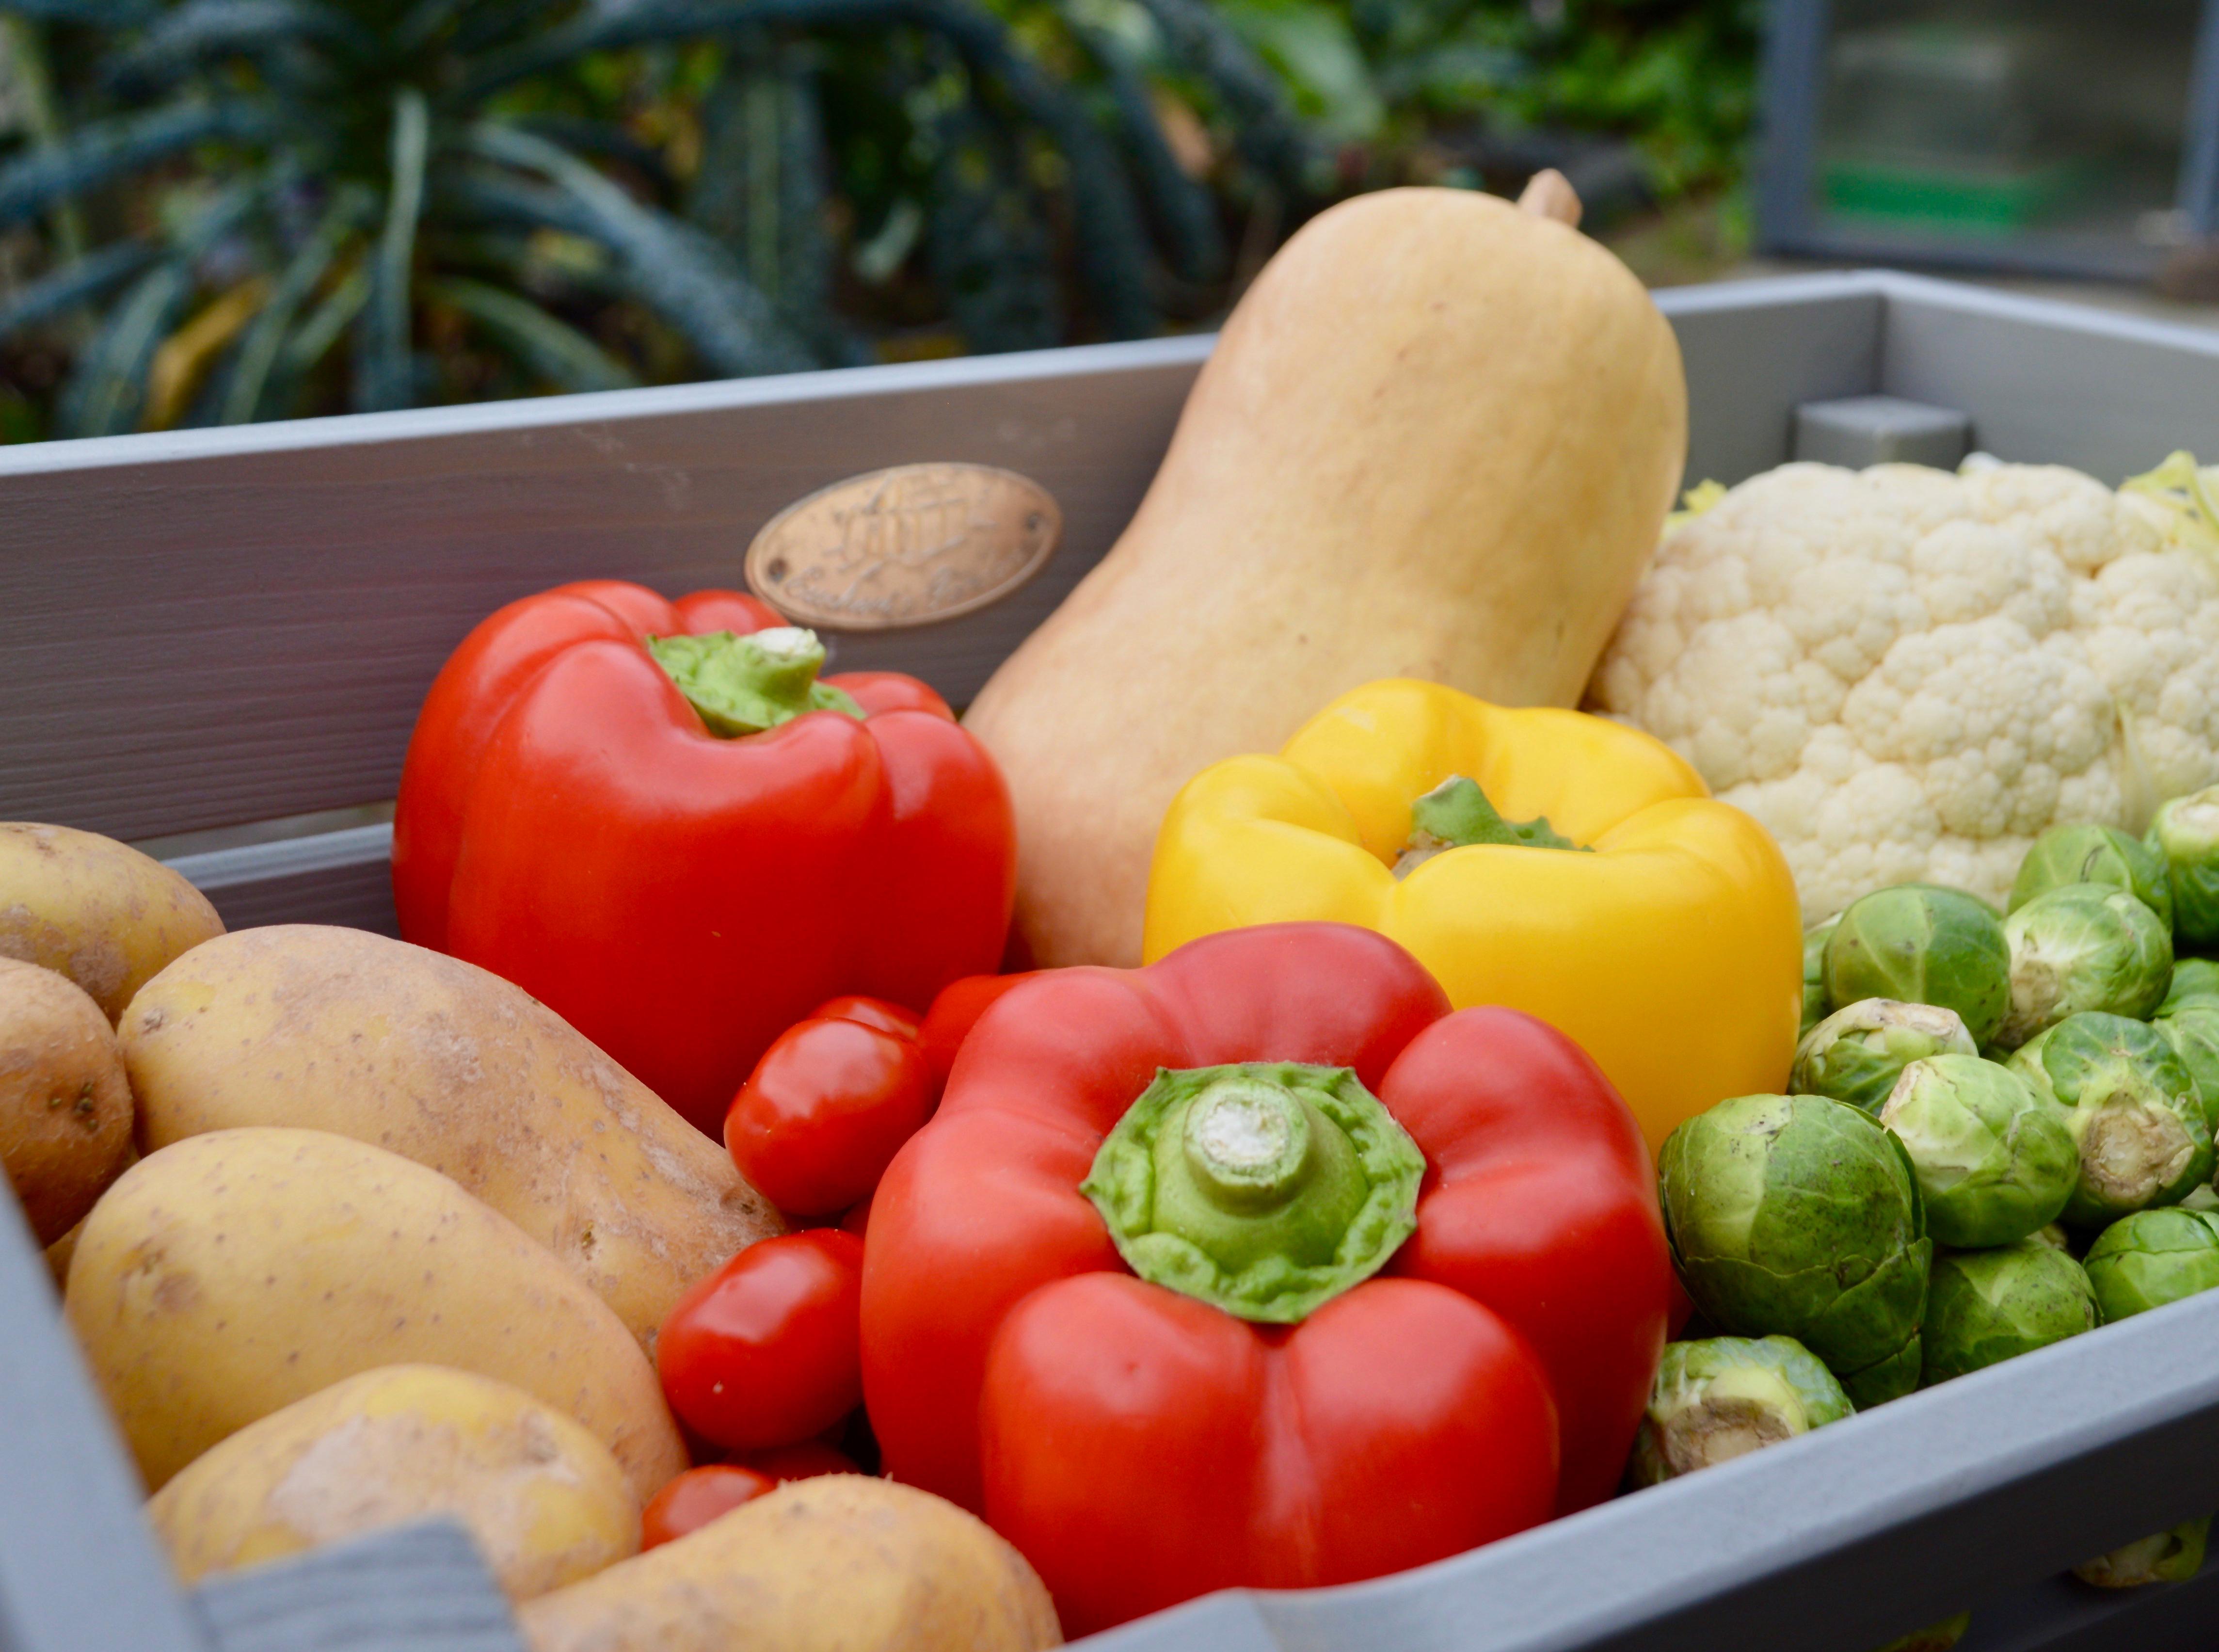 groenten.jpeg